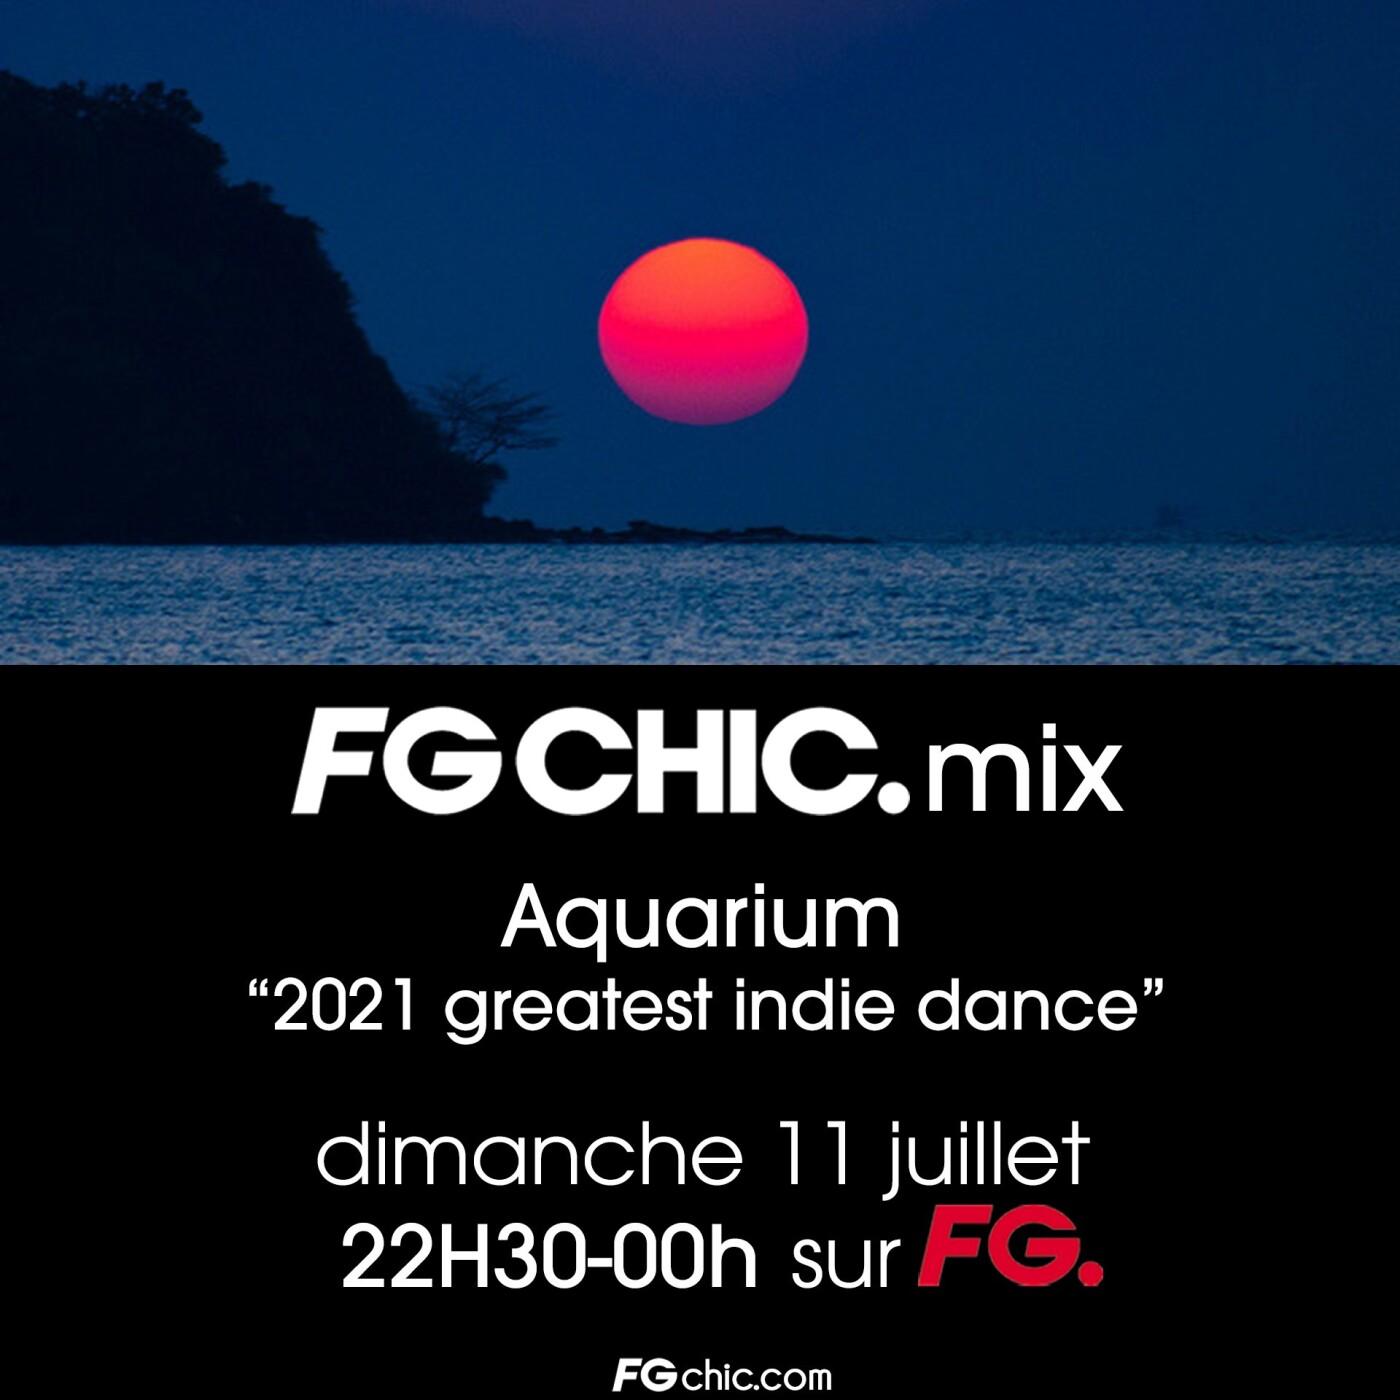 FG CHIC MIX AQUARIUM